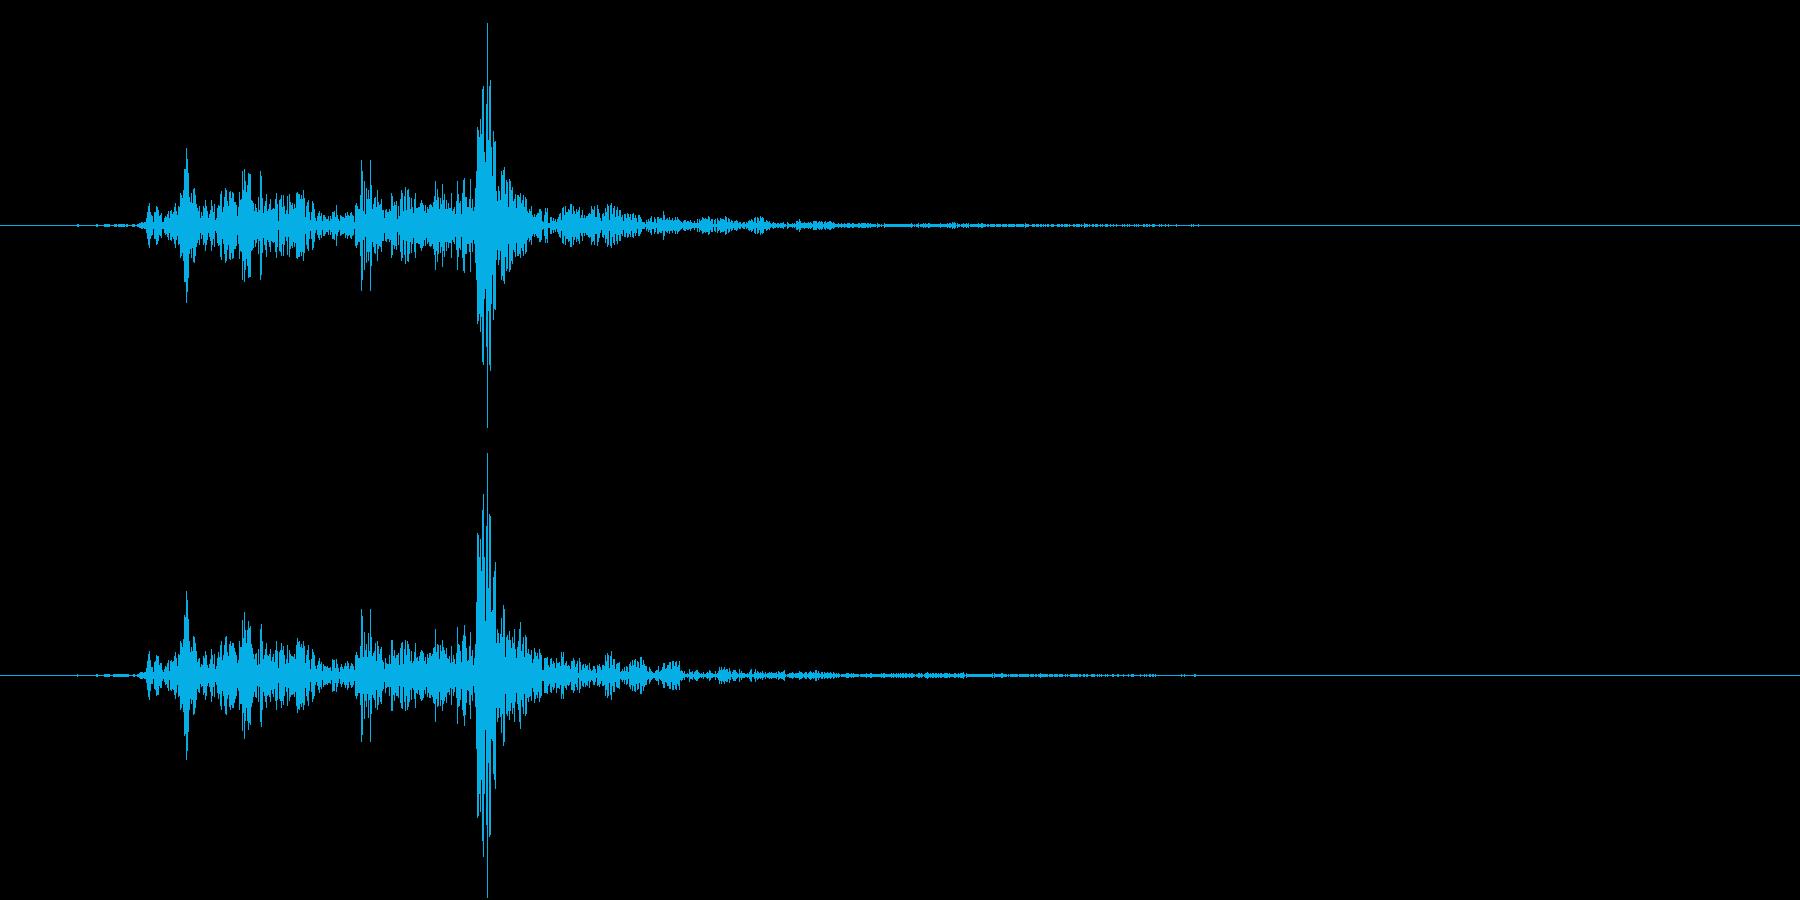 【生録音】ハサミで切る音 チョキ!!の再生済みの波形